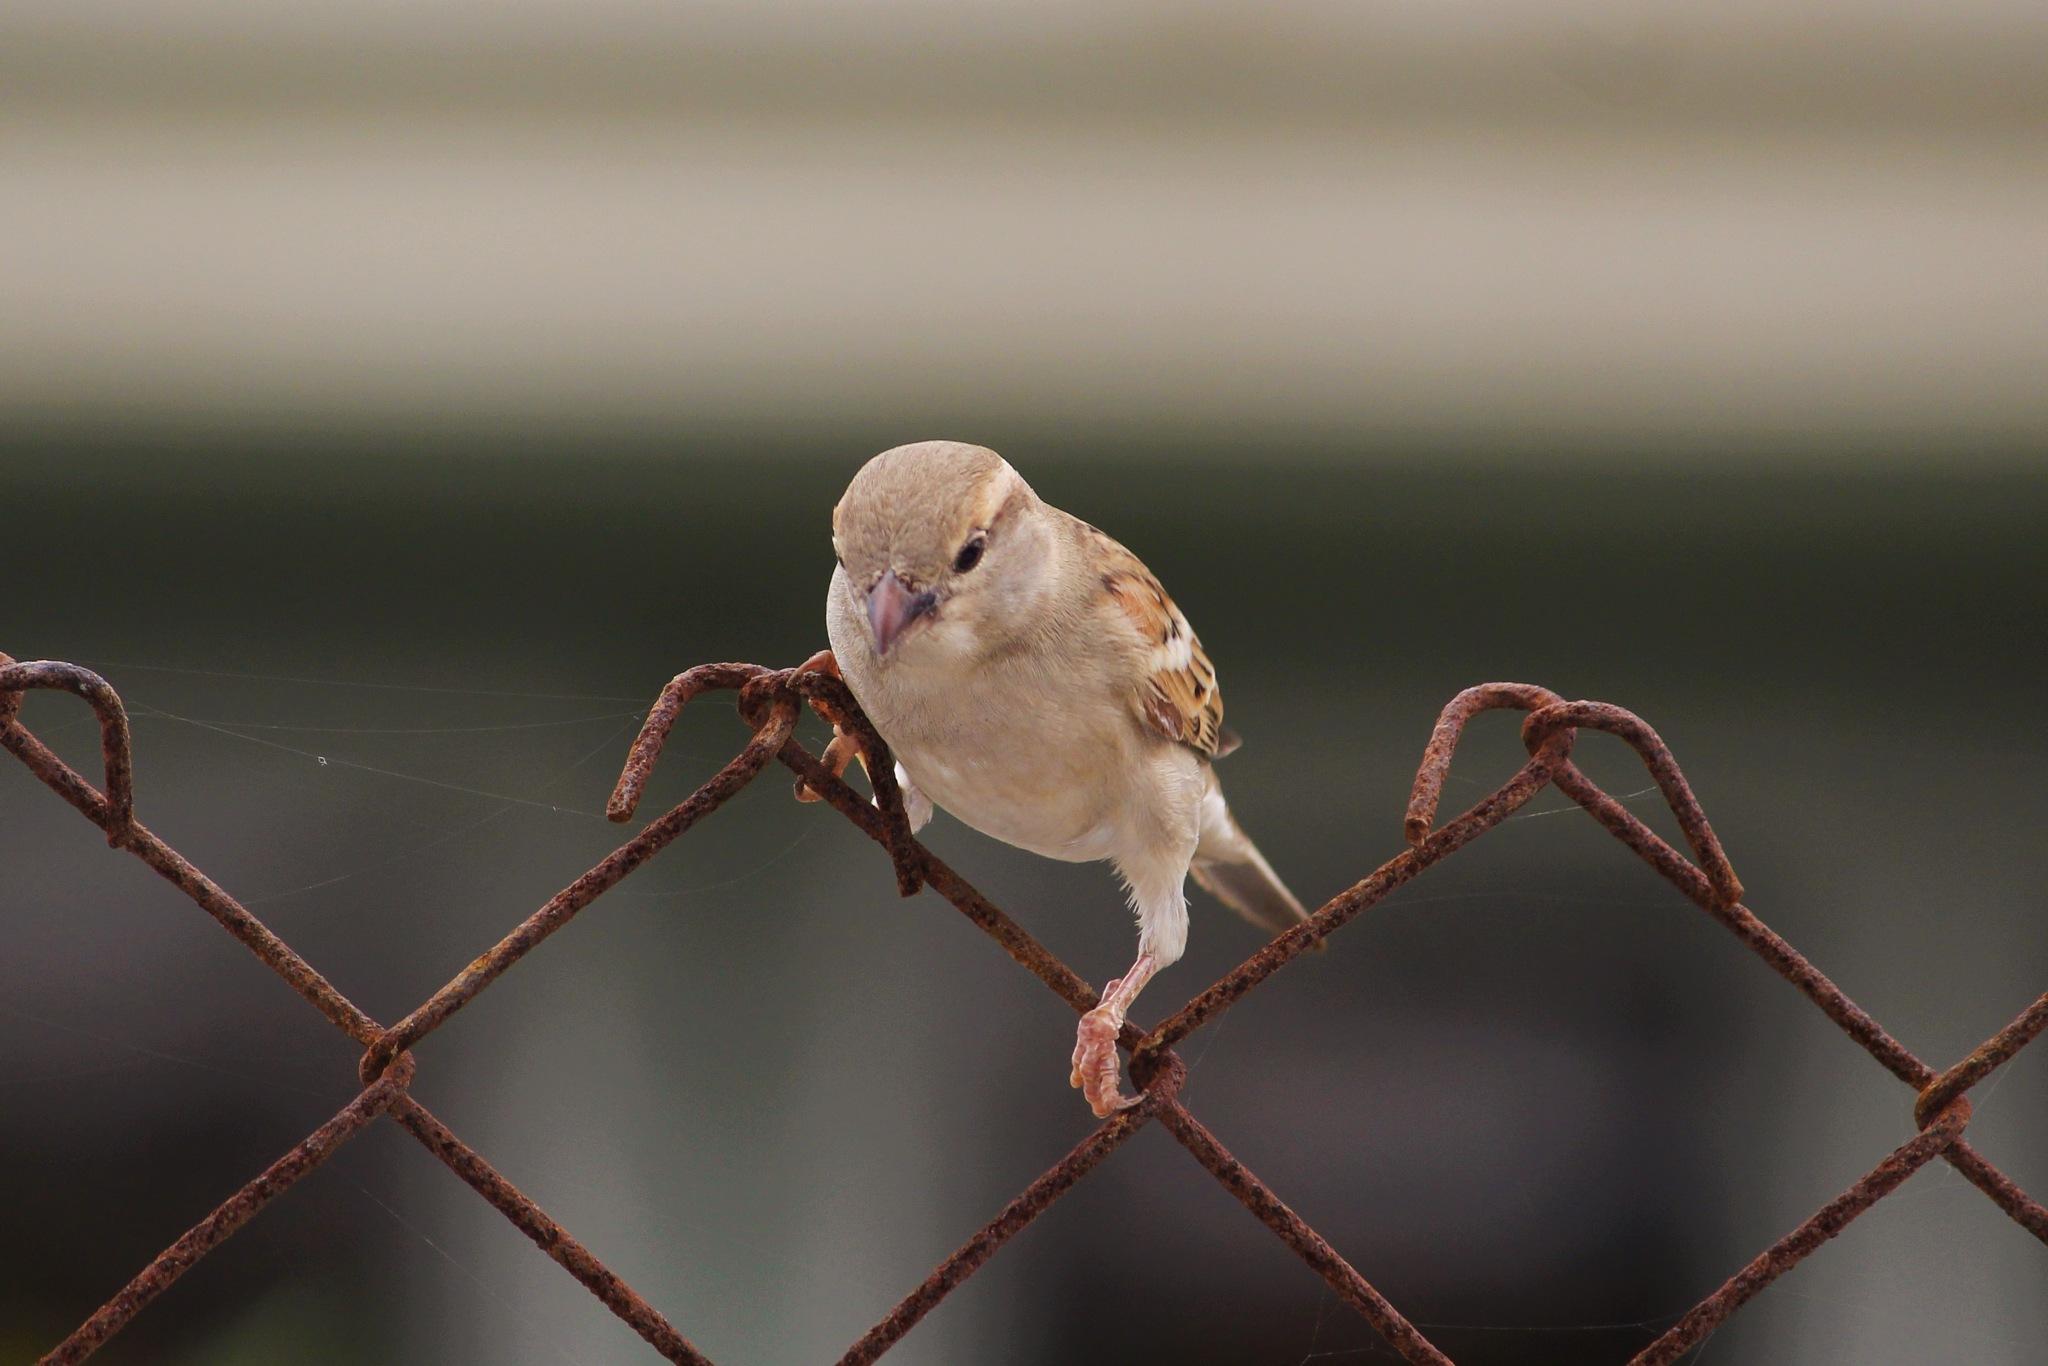 Sparrow by Kirtan Mankad